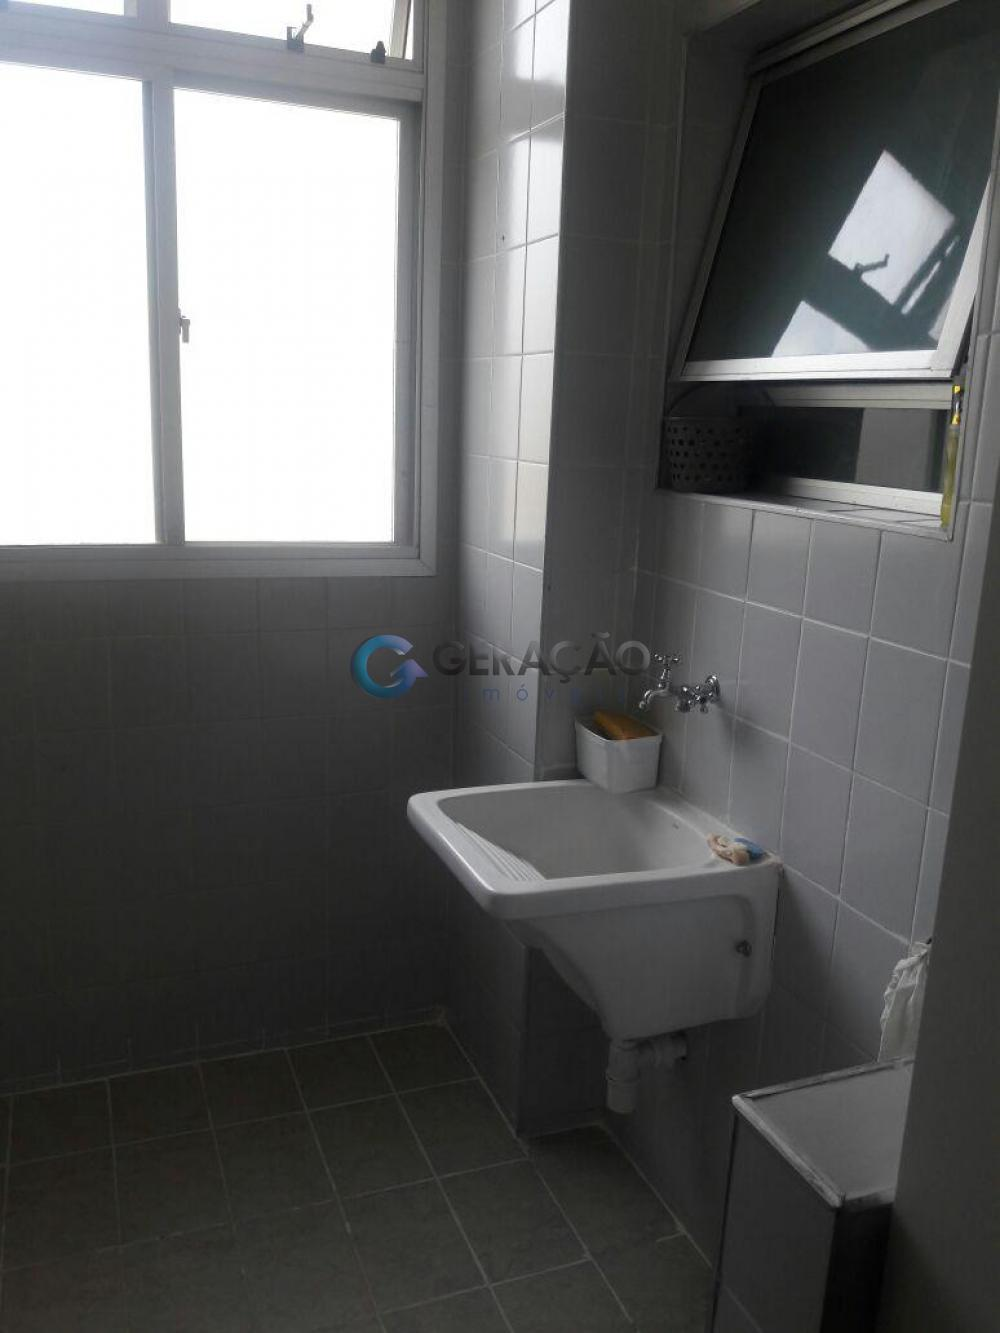 Comprar Apartamento / Padrão em São José dos Campos apenas R$ 260.000,00 - Foto 17